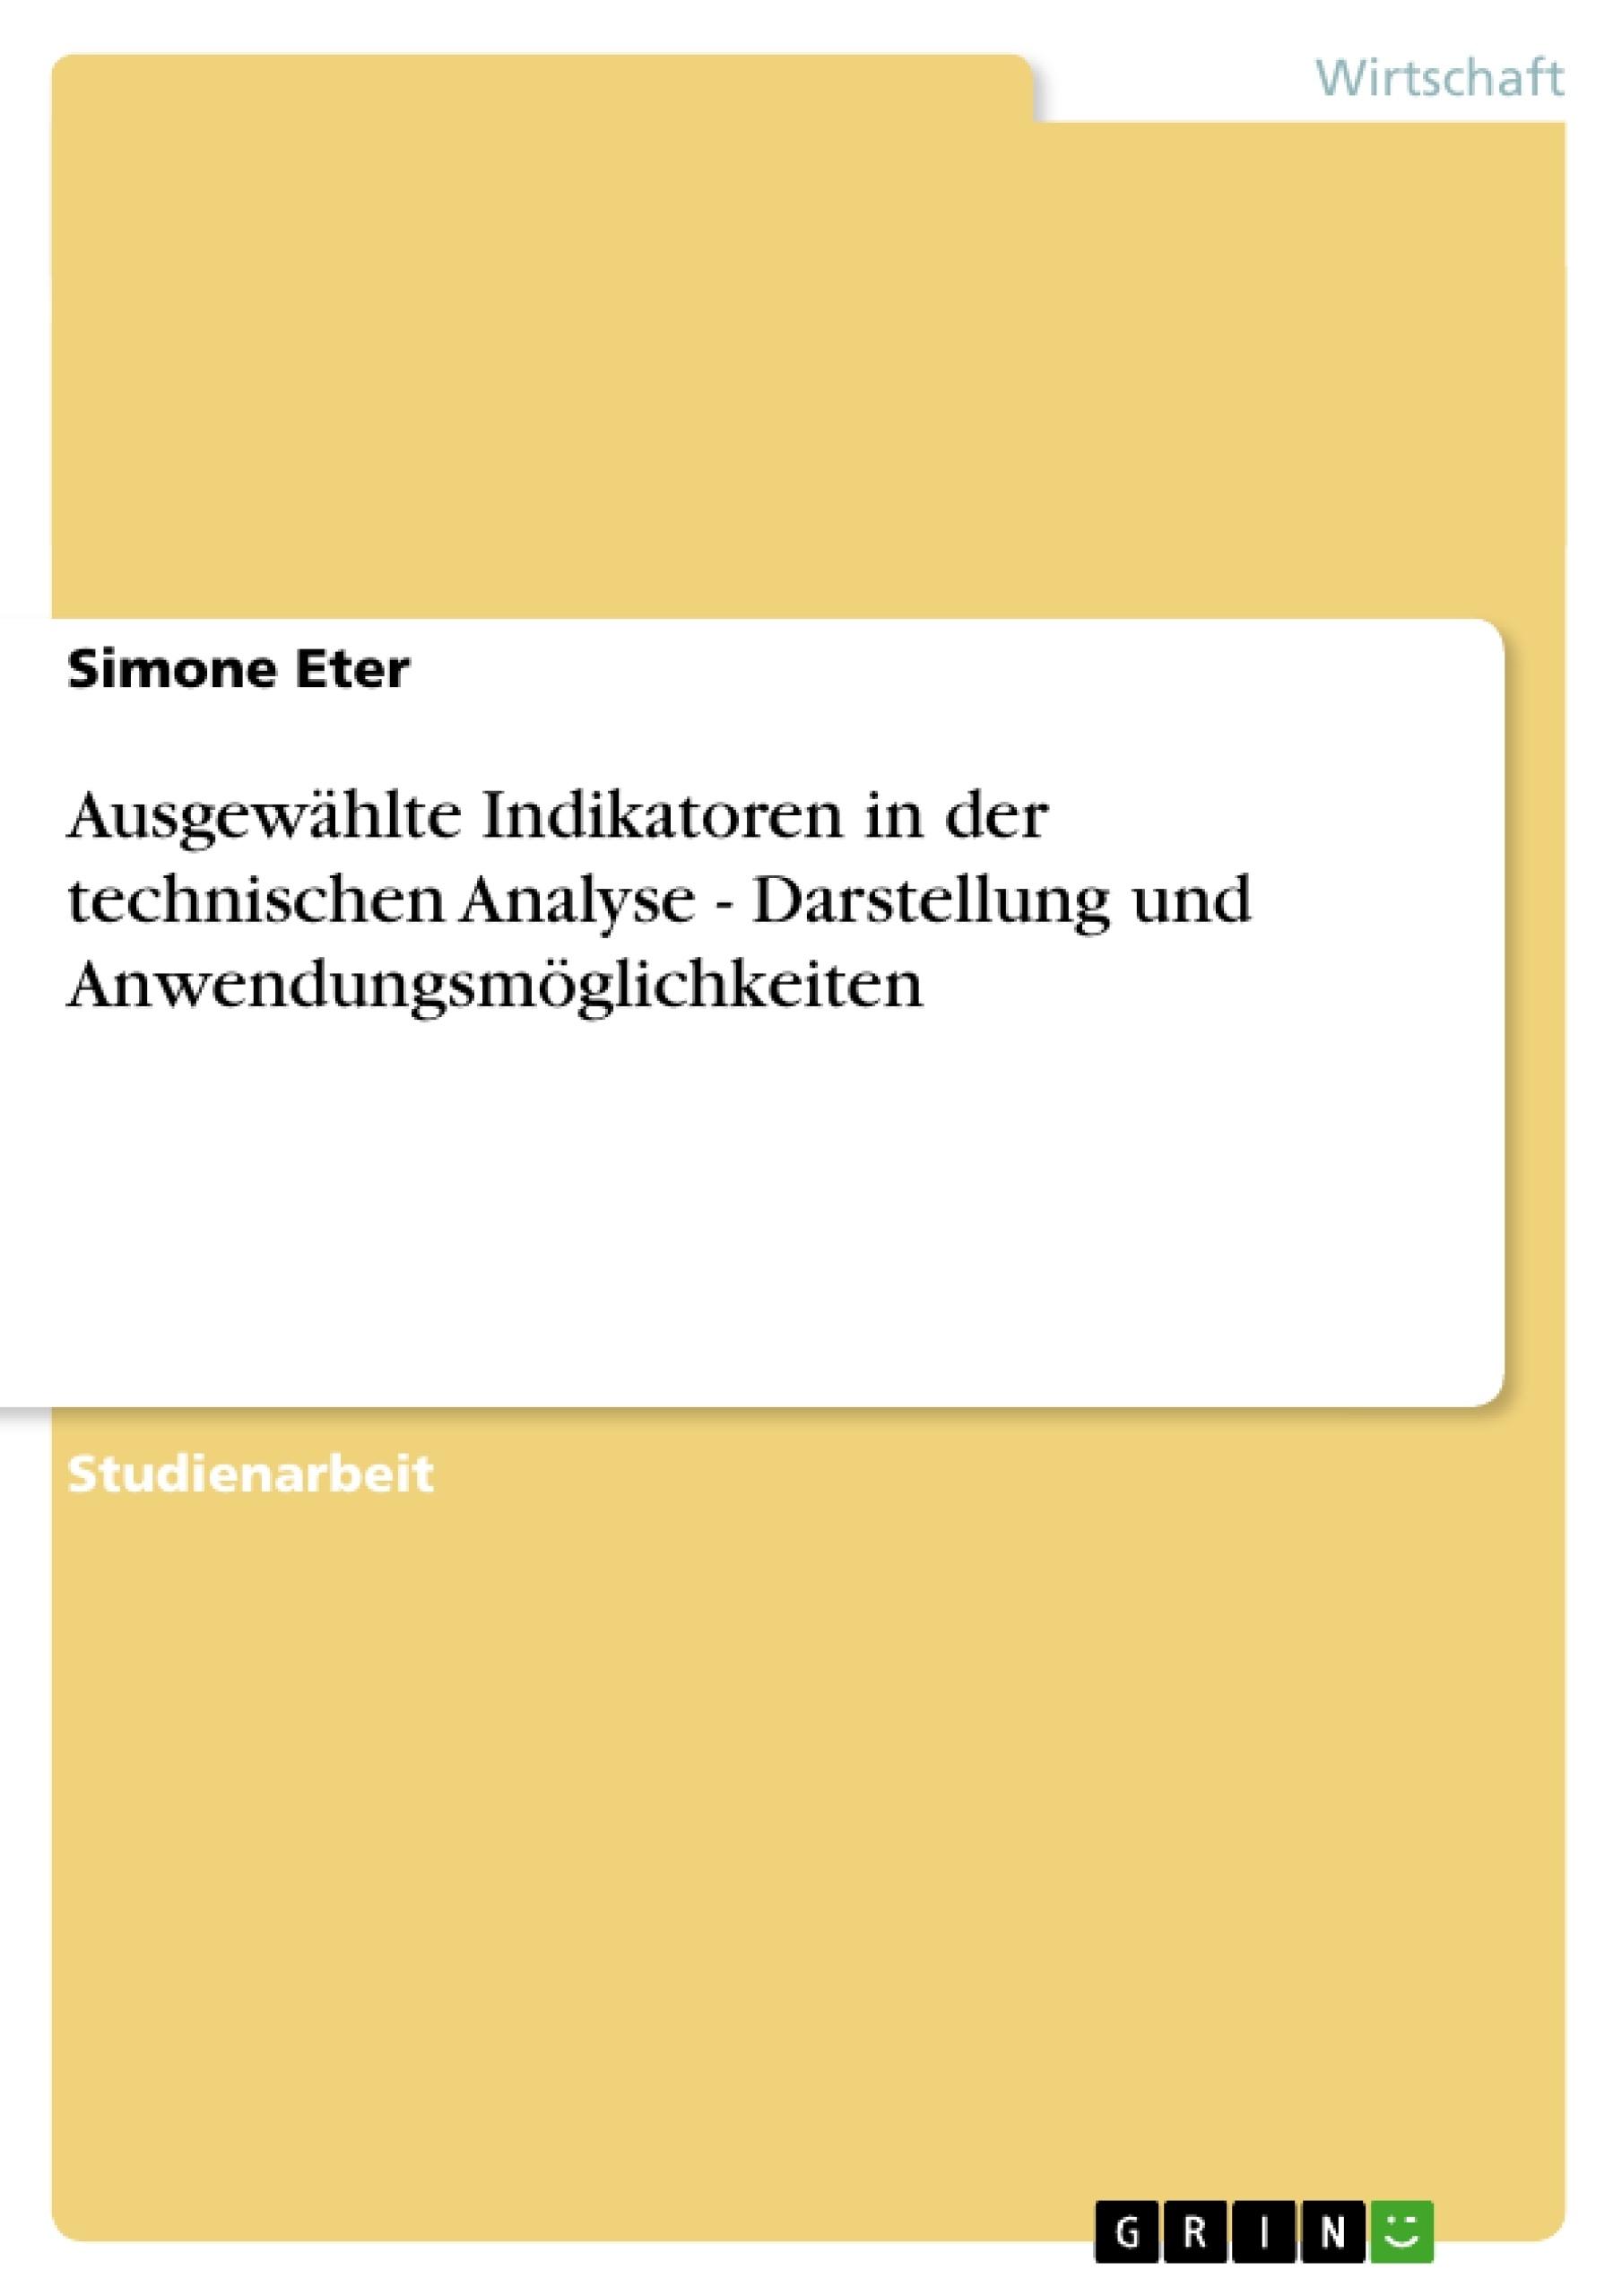 Titel: Ausgewählte Indikatoren in der technischen Analyse - Darstellung und Anwendungsmöglichkeiten